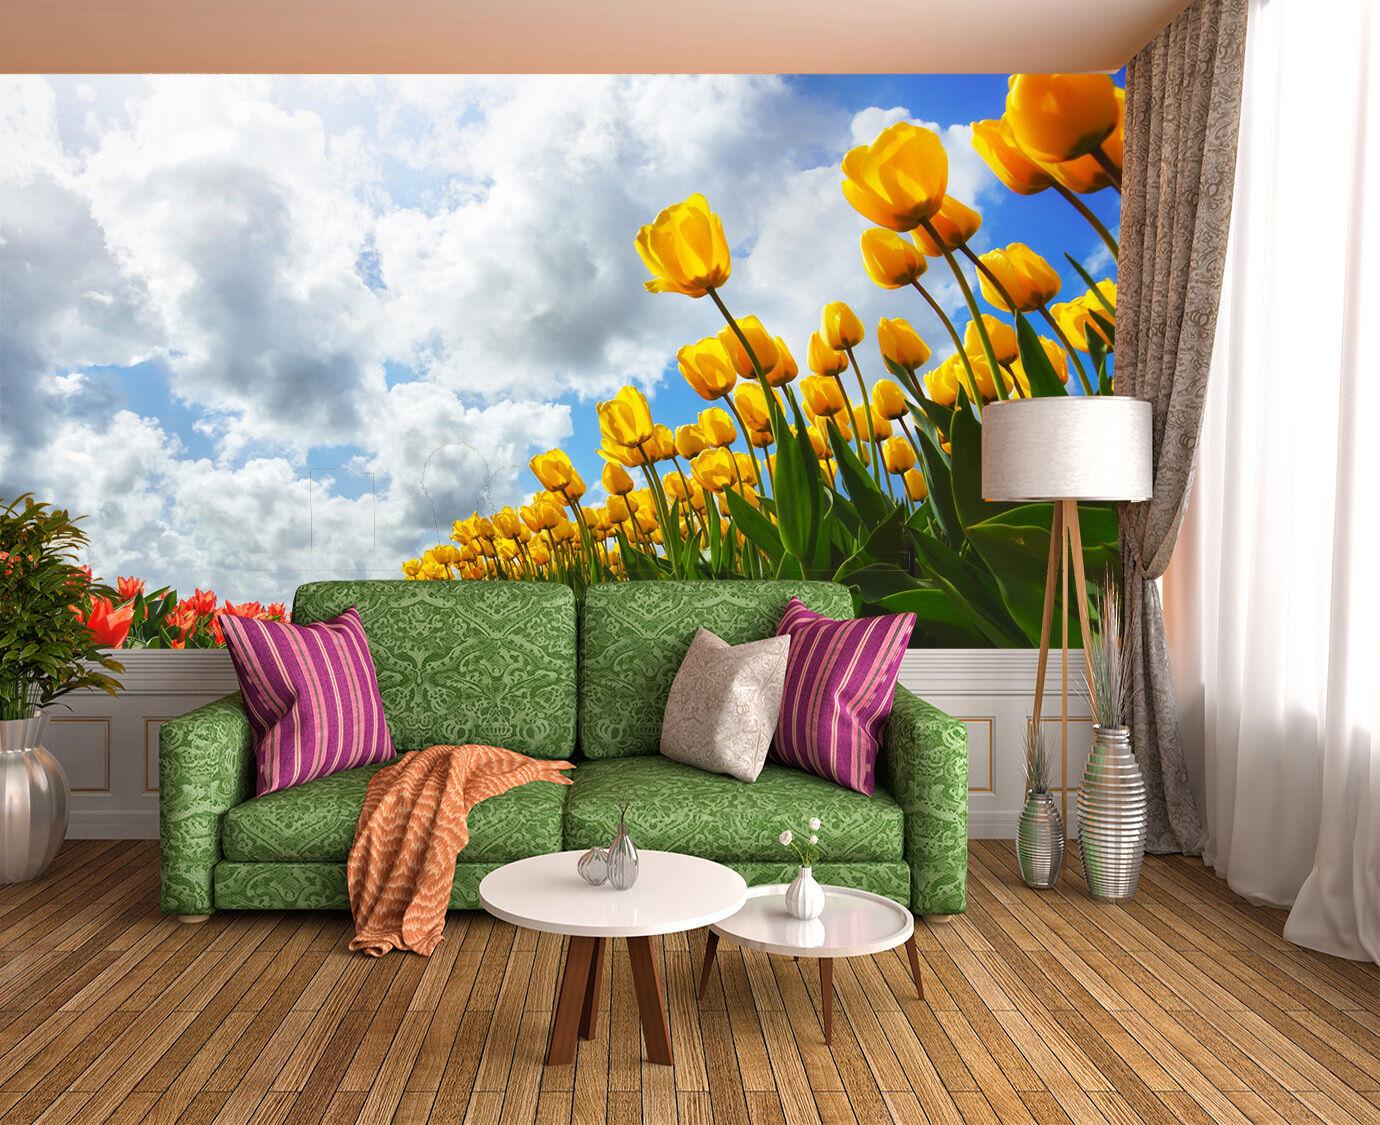 3D Himmel Blaumen 95 Fototapeten Wandbild Fototapete Bild Tapete Familie Kinder